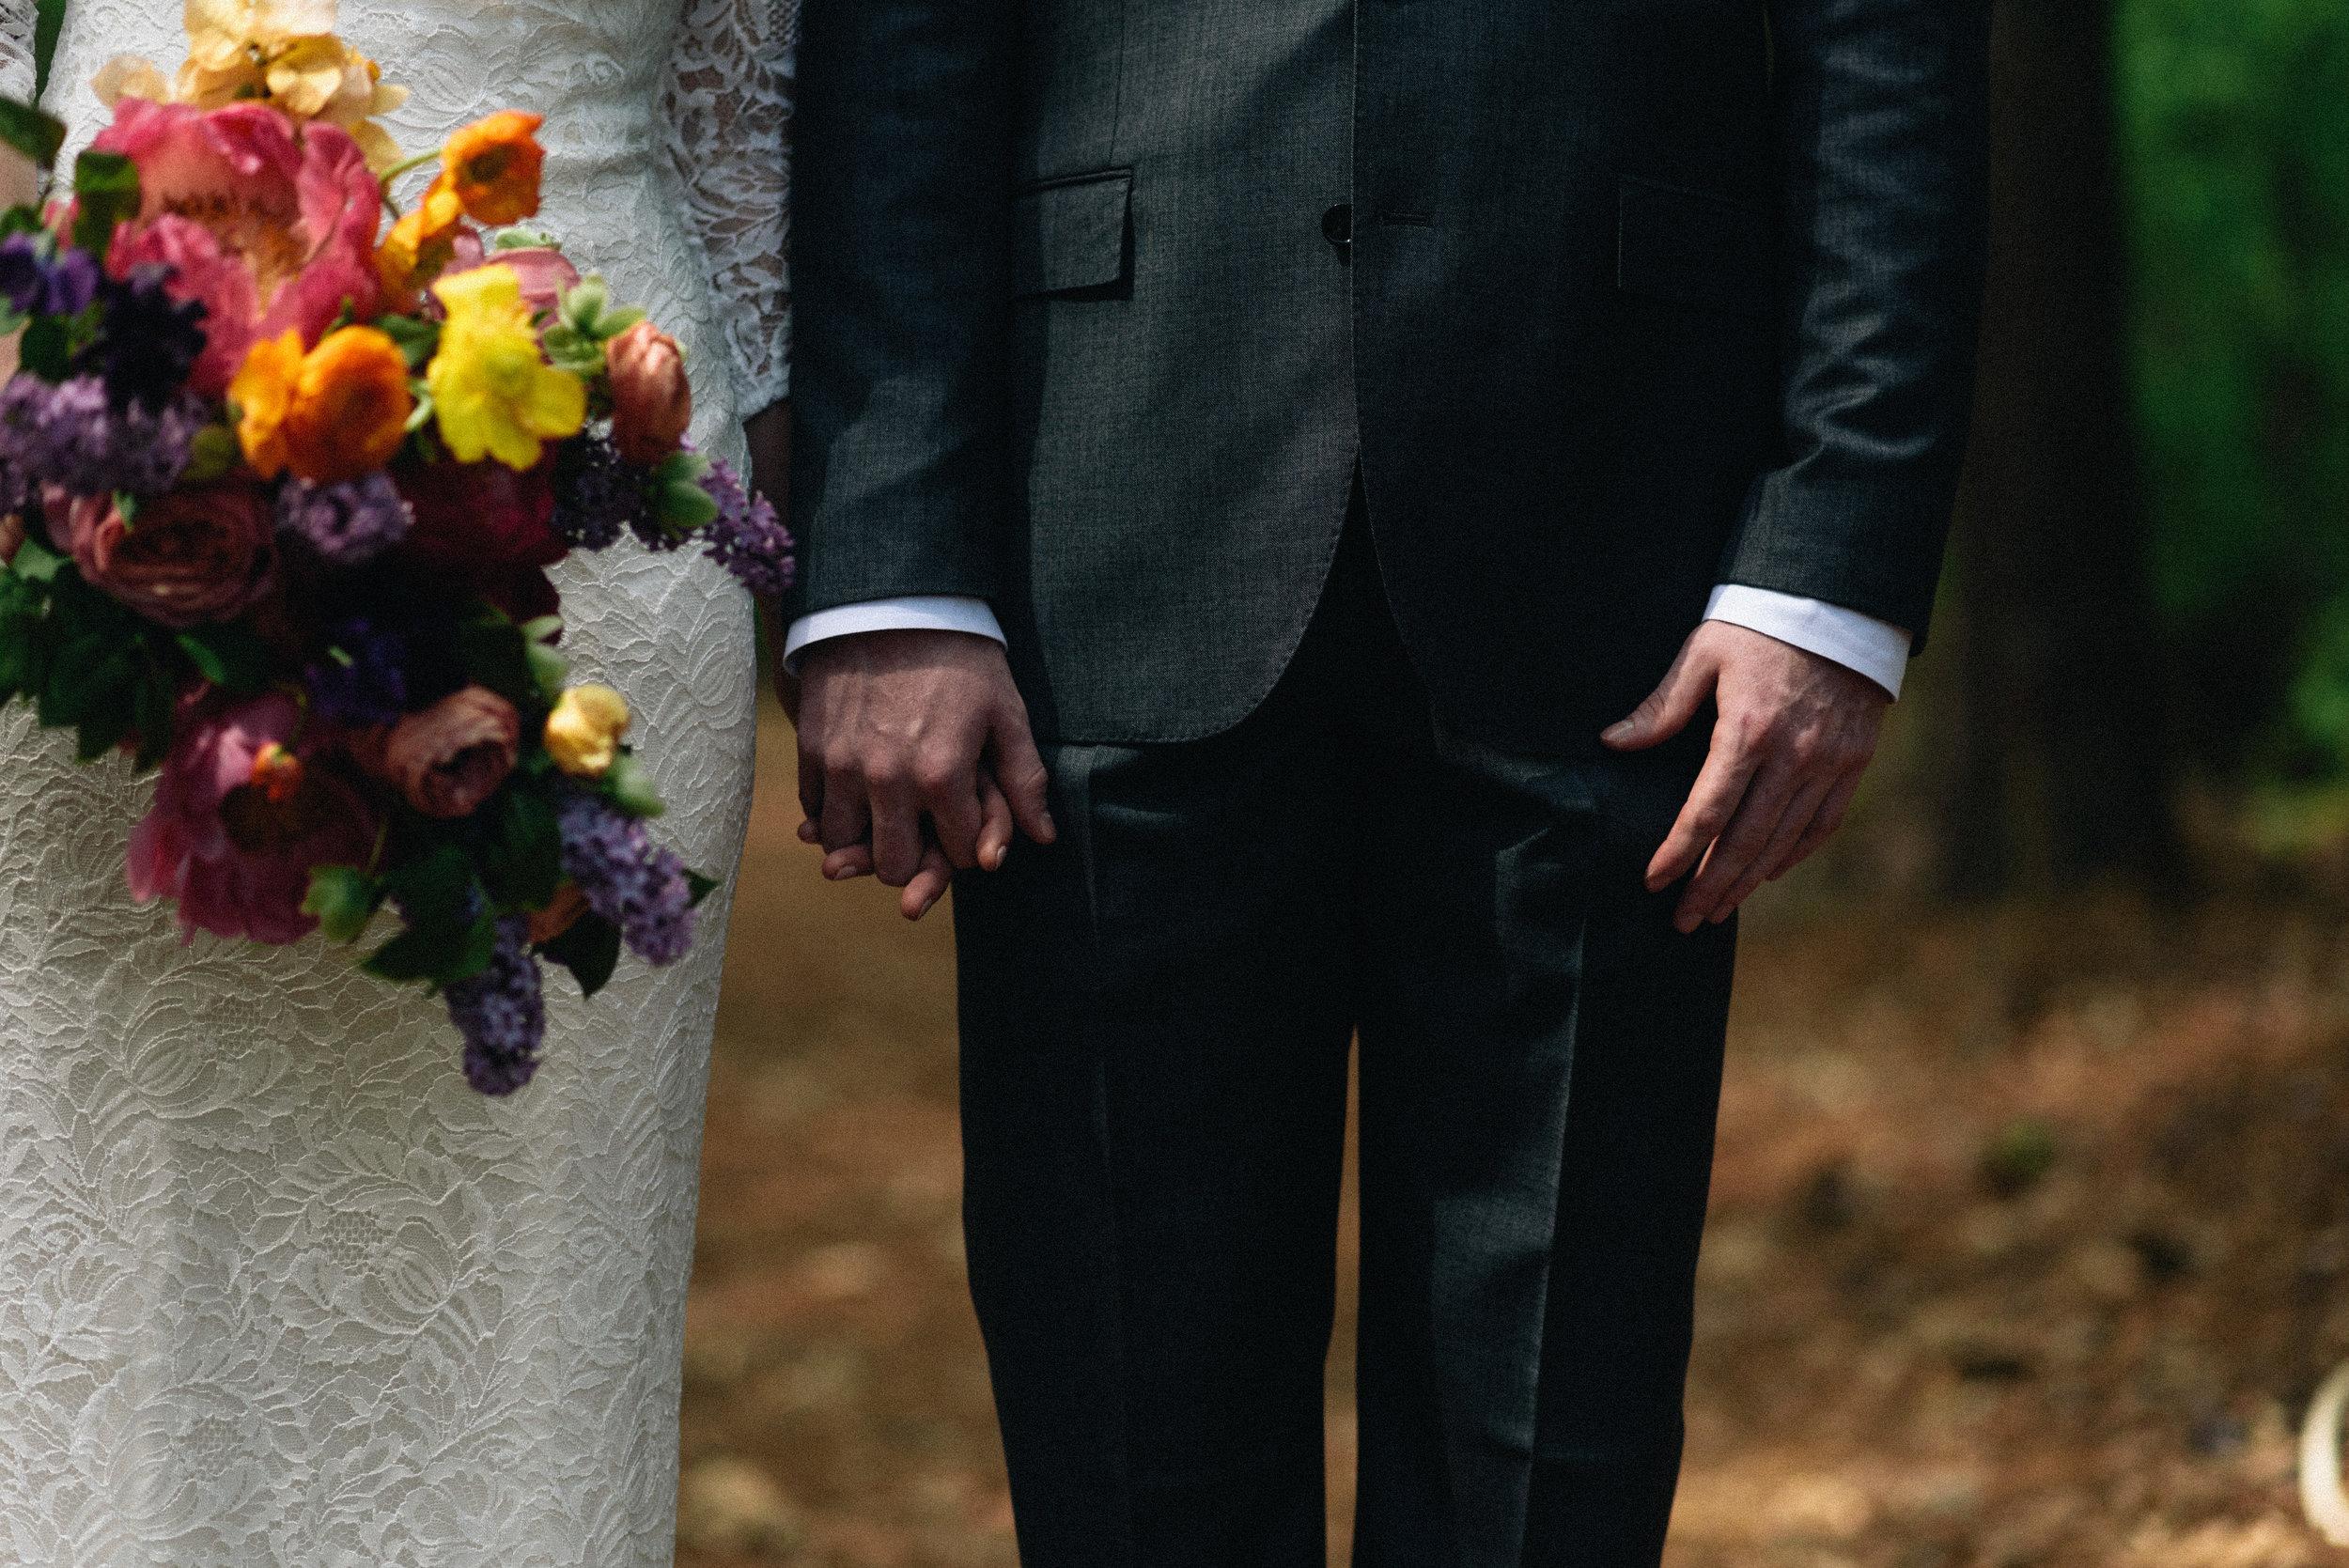 raleigh-elopement-photographer-raleigh-durham-wedding-maddie-and-devin- (28 of 162).jpg